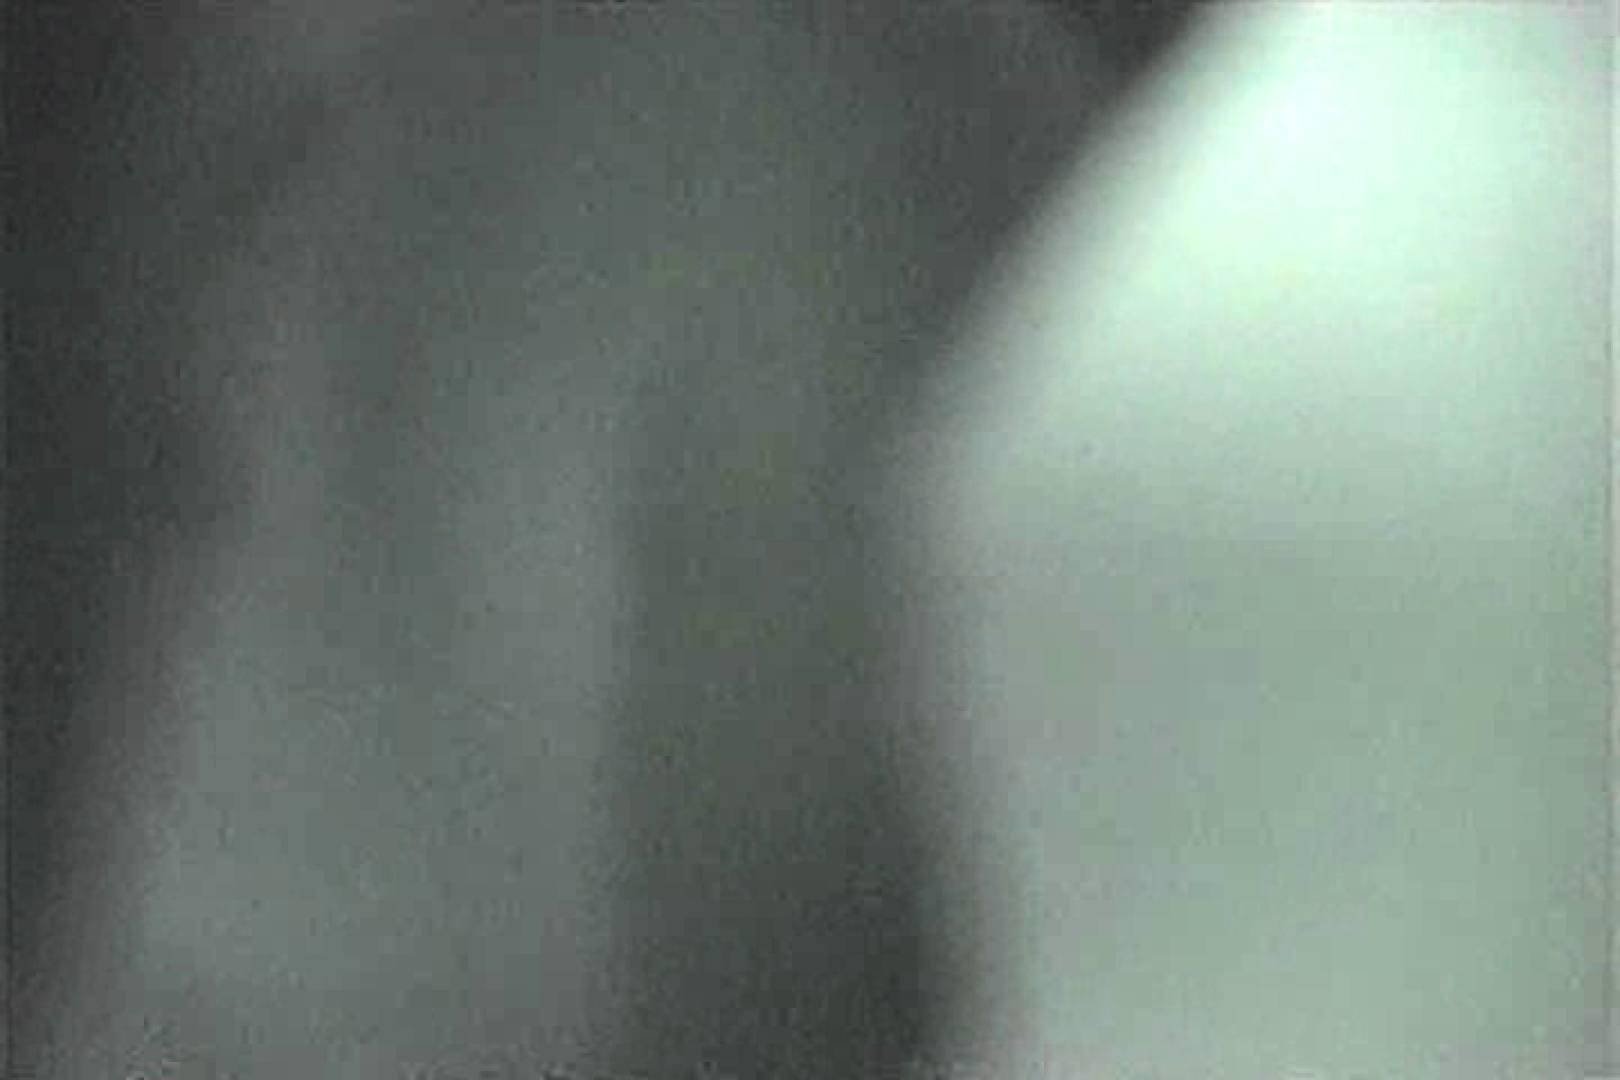 MASAさんの待ち伏せ撮り! 赤外線カーセックスVol.17 盗撮師作品 おまんこ動画流出 70pic 12